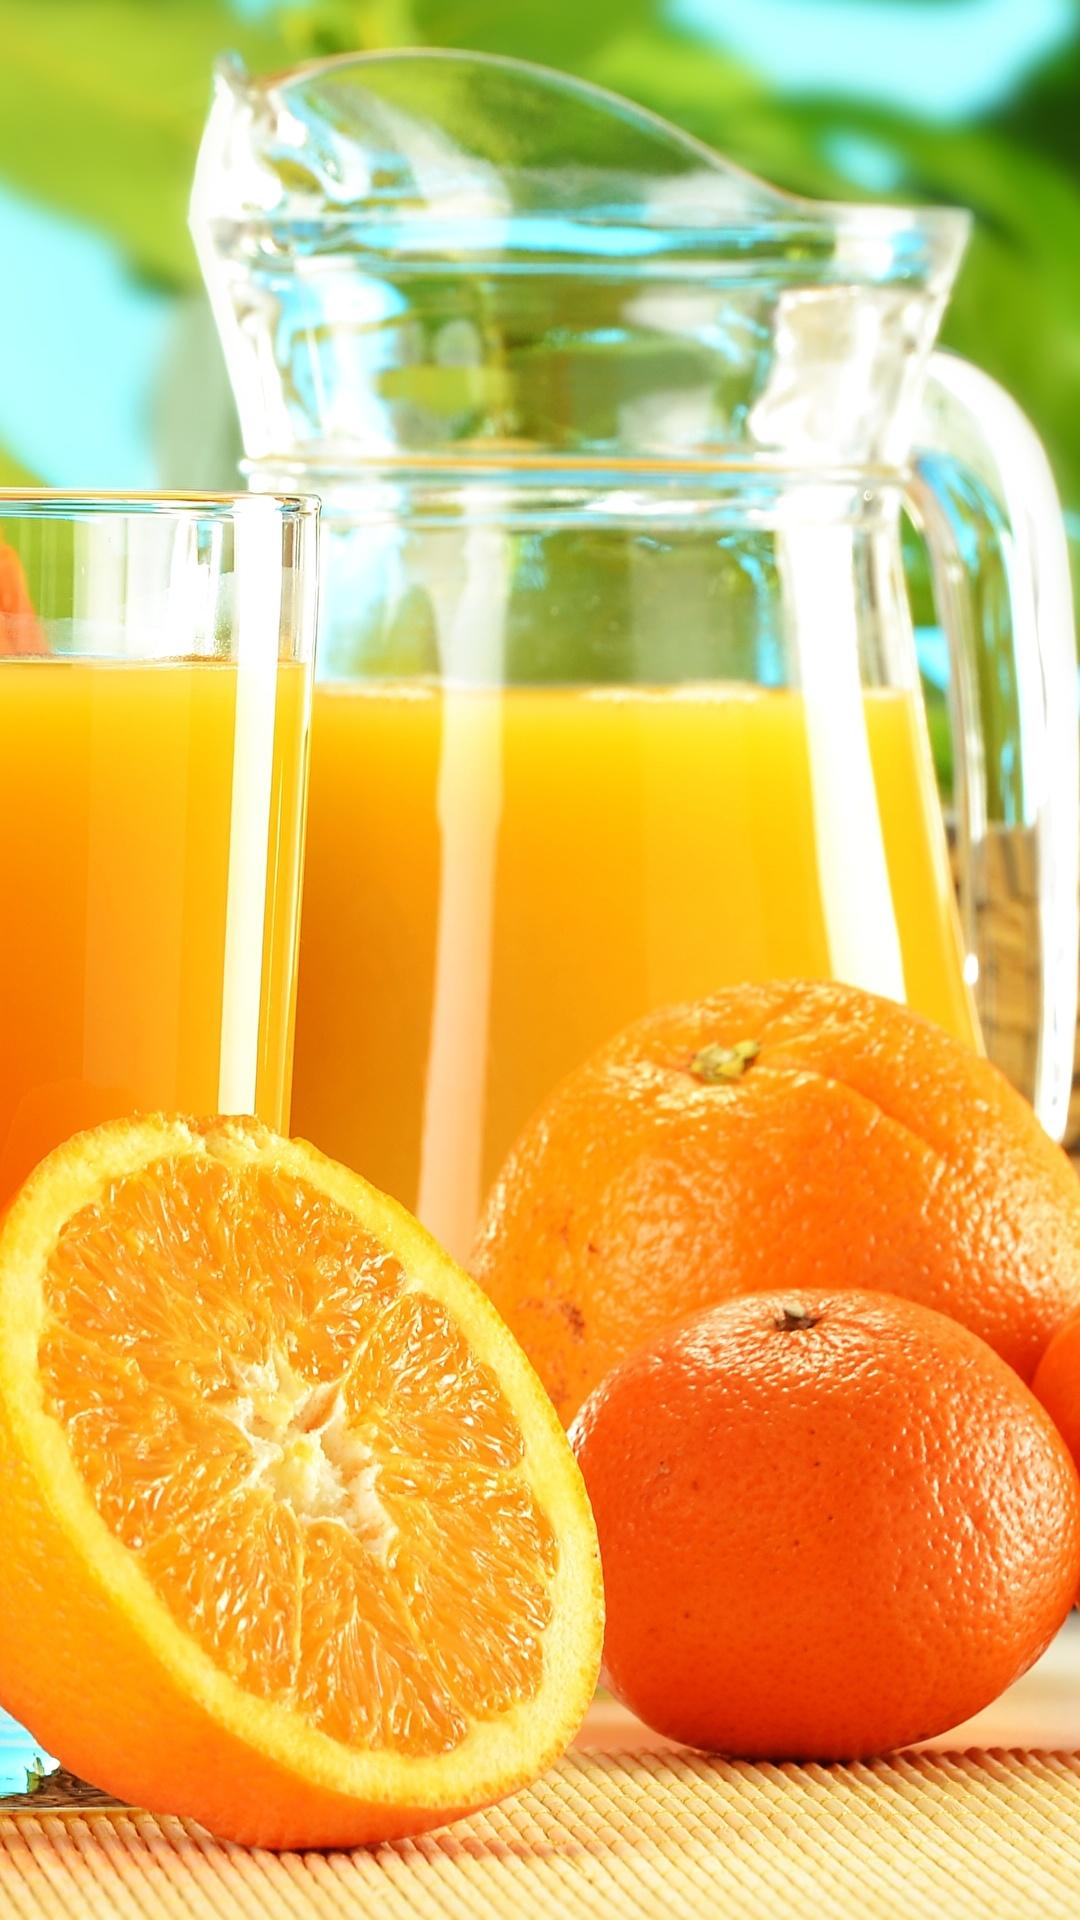 Обои для рабочего стола Сок Апельсин Мандарины Кувшин стакана Еда 1080x1920 Стакан кувшины стакане Пища Продукты питания